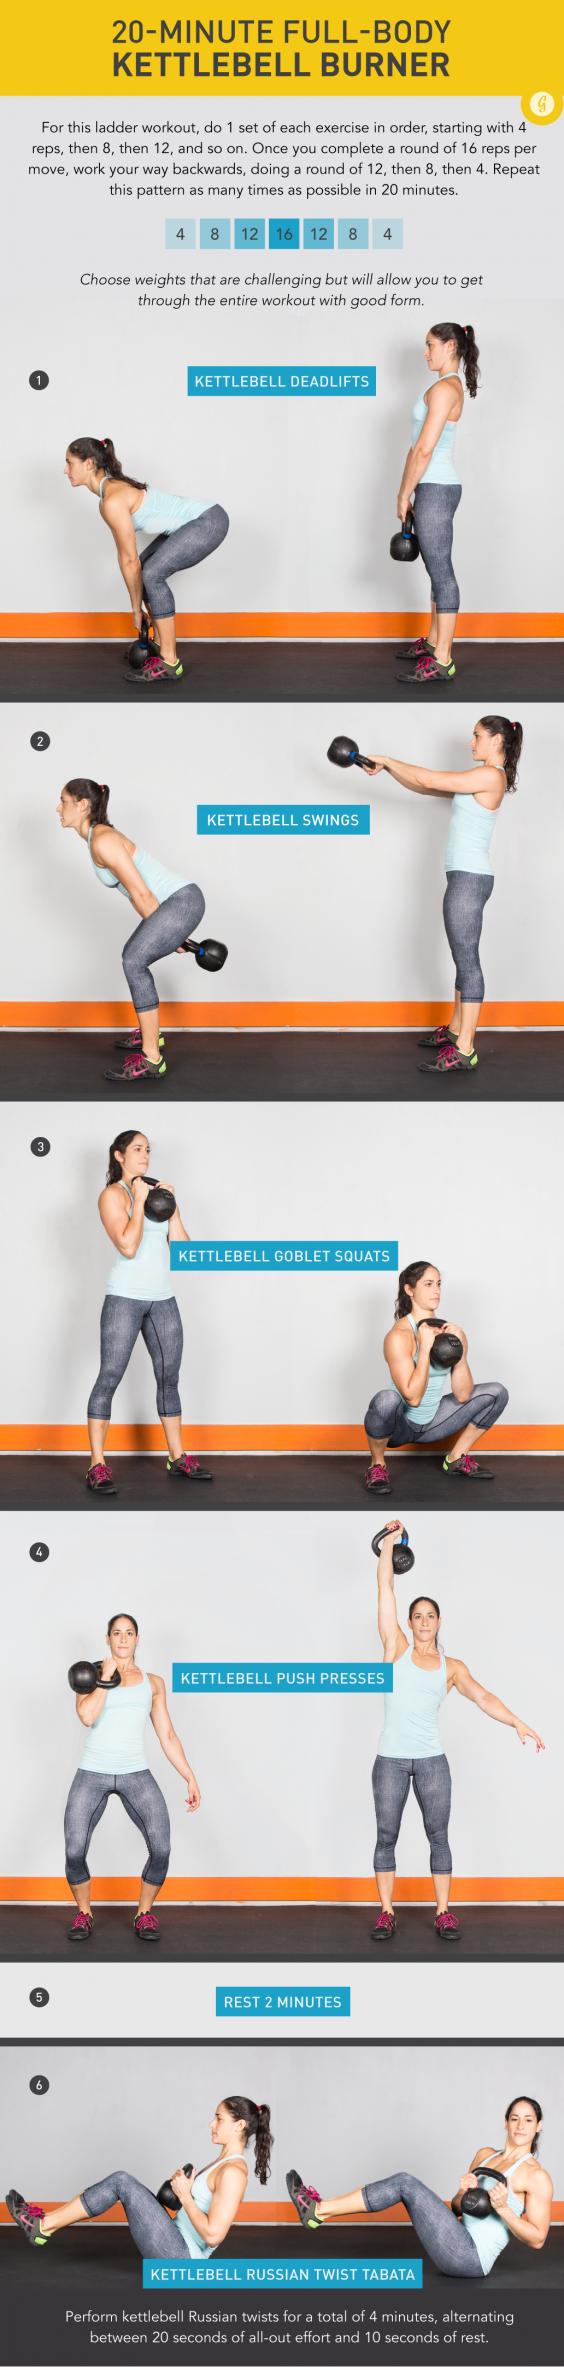 20 Minute Full-Body Kettlebell Burner